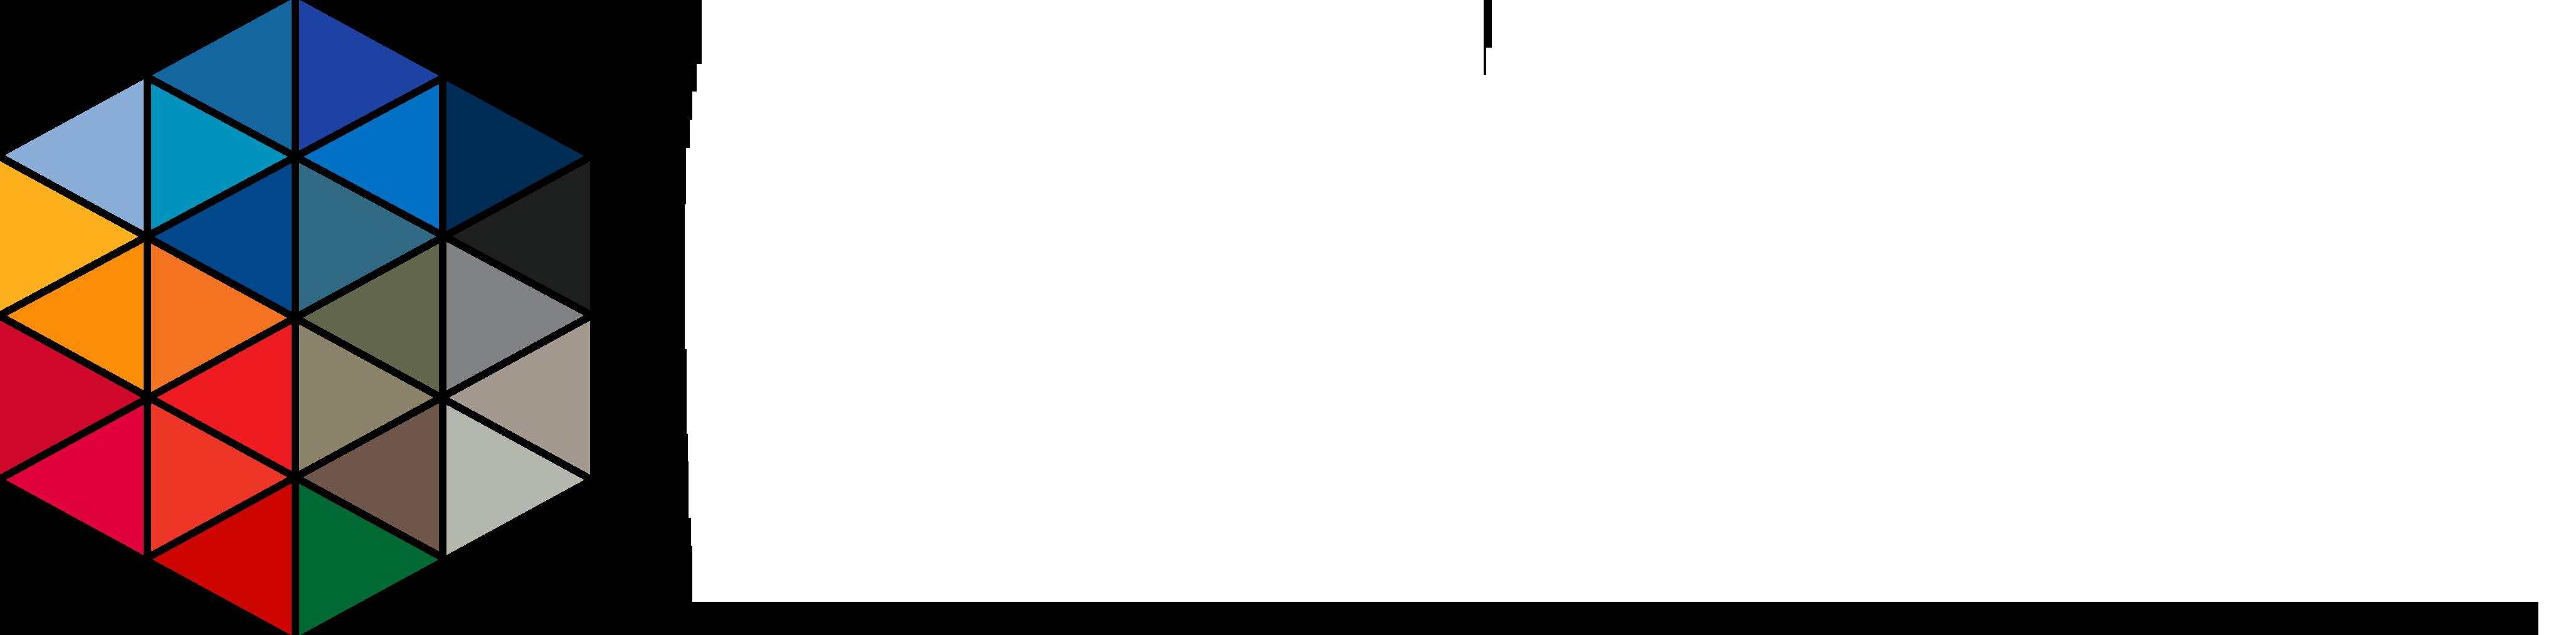 MOSAIC_logo_final_021119_white_text_version-1